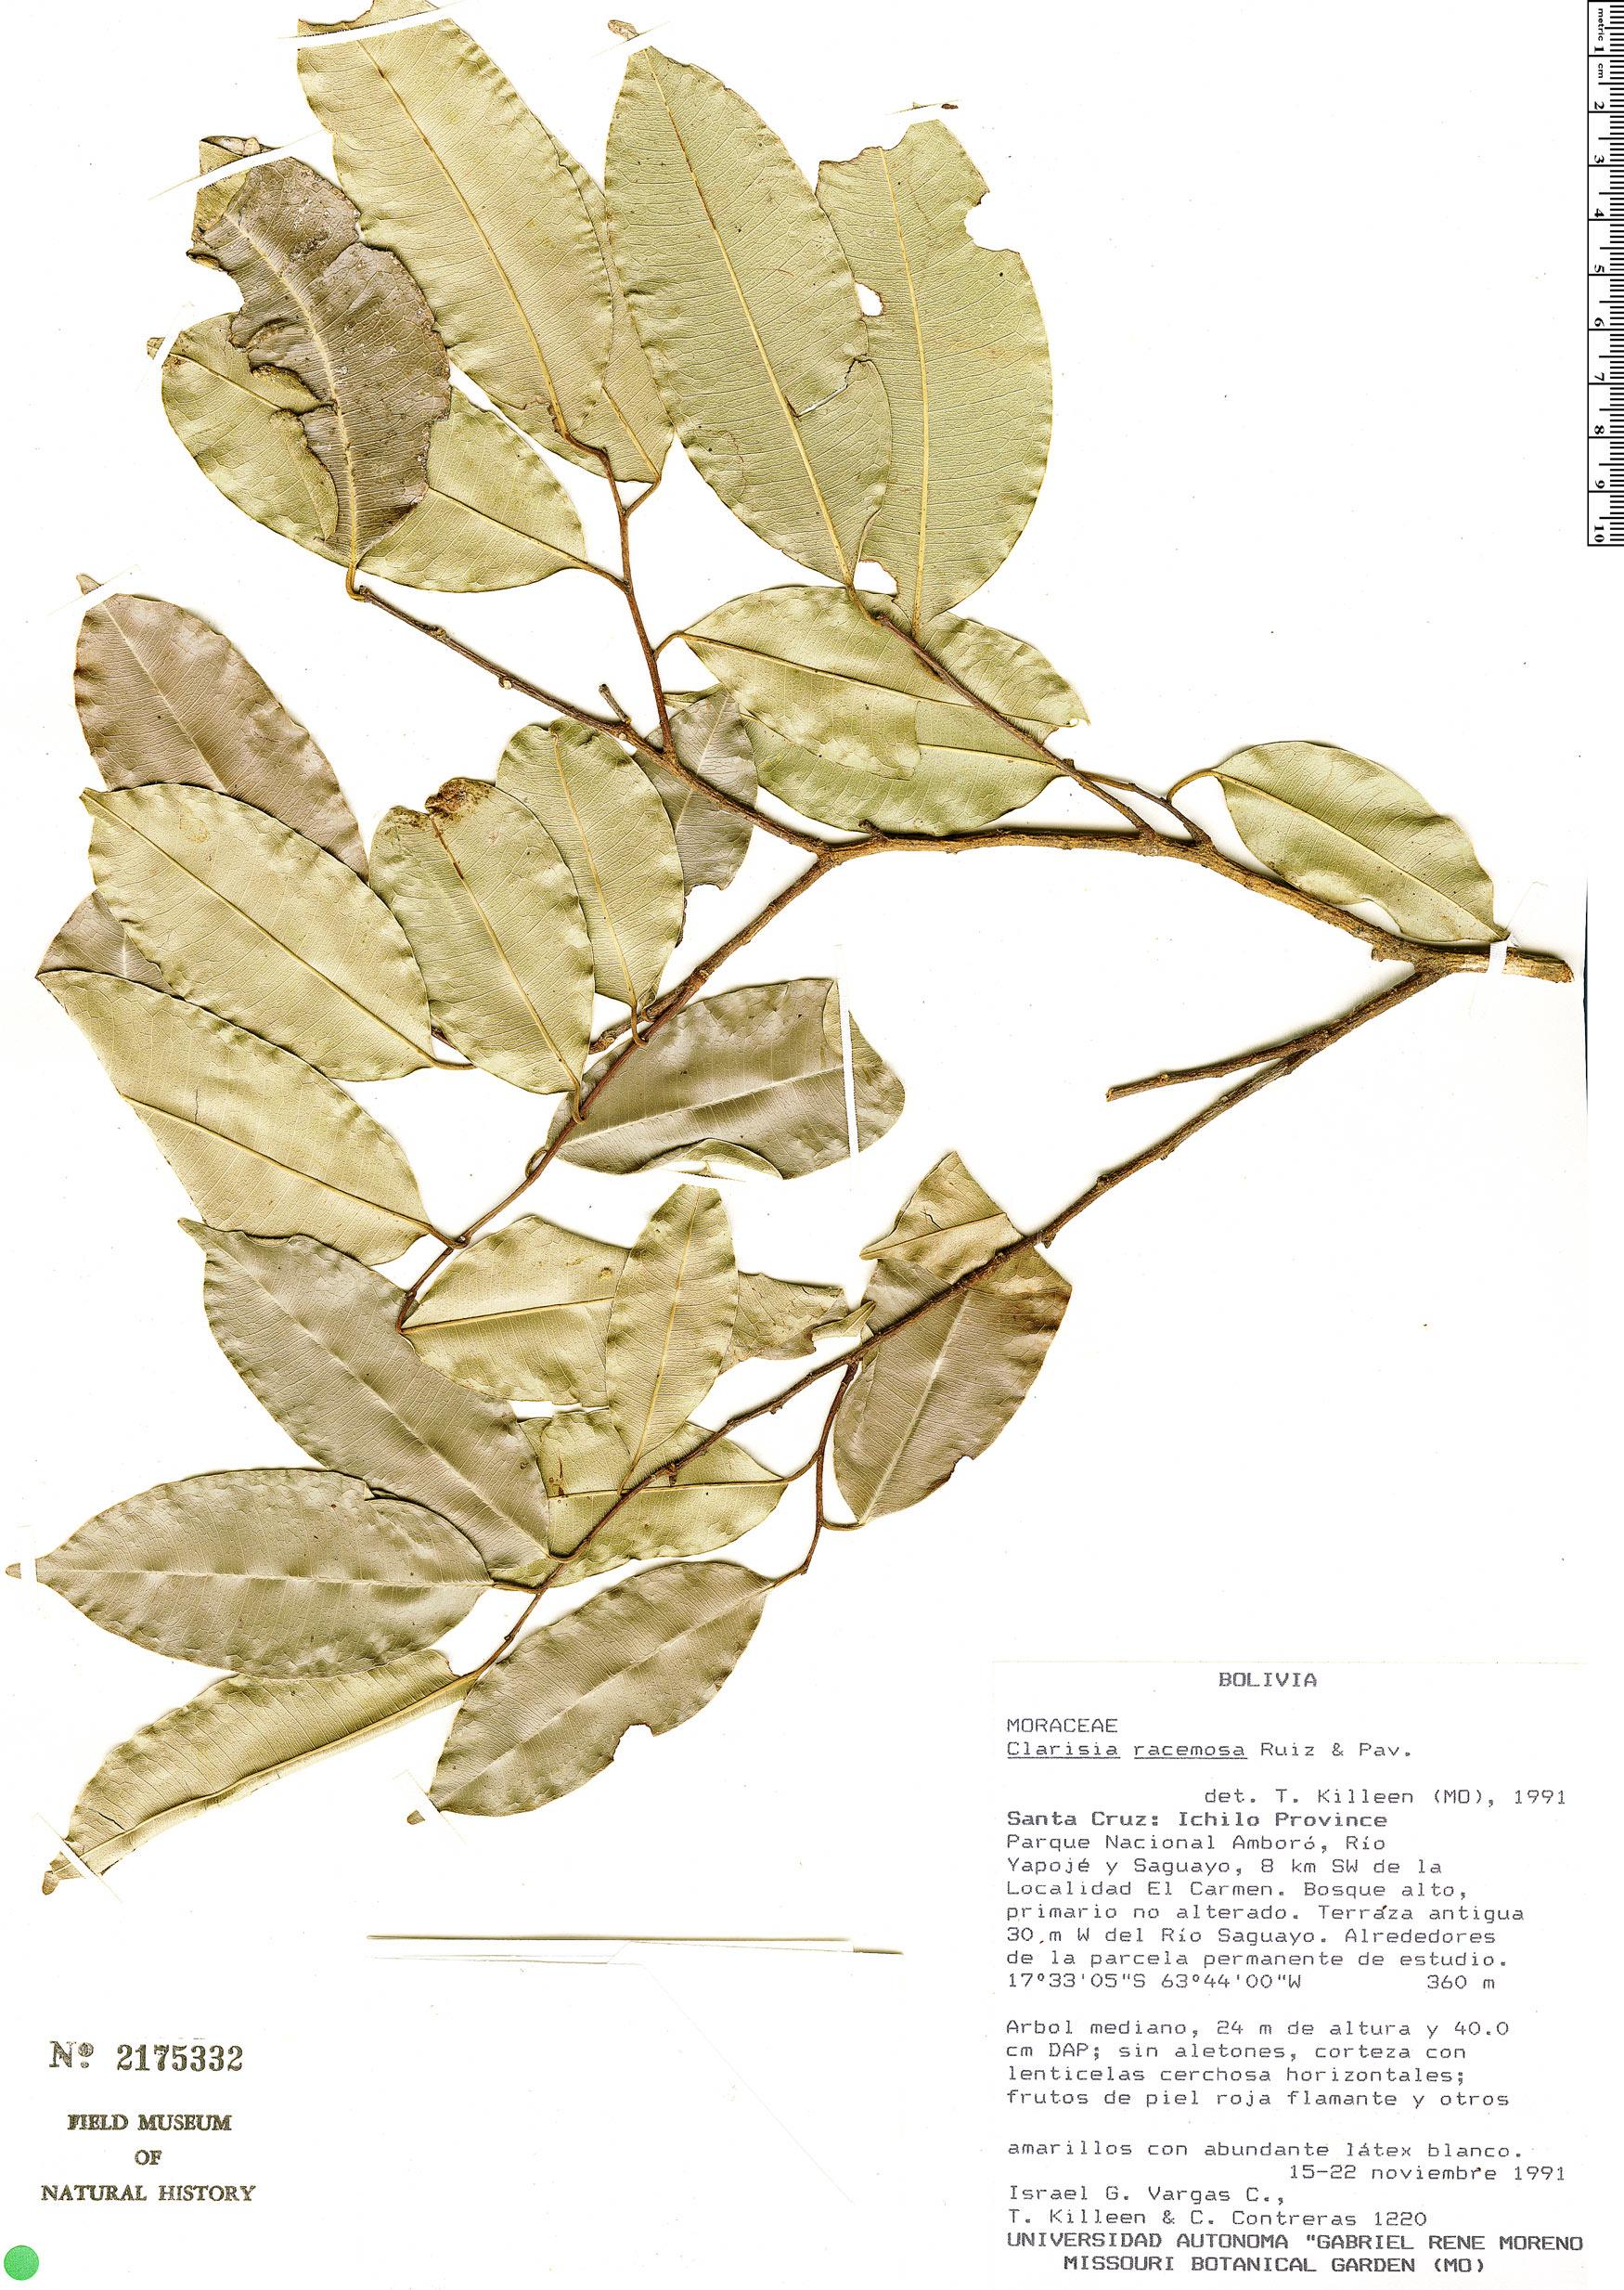 Specimen: Clarisia racemosa